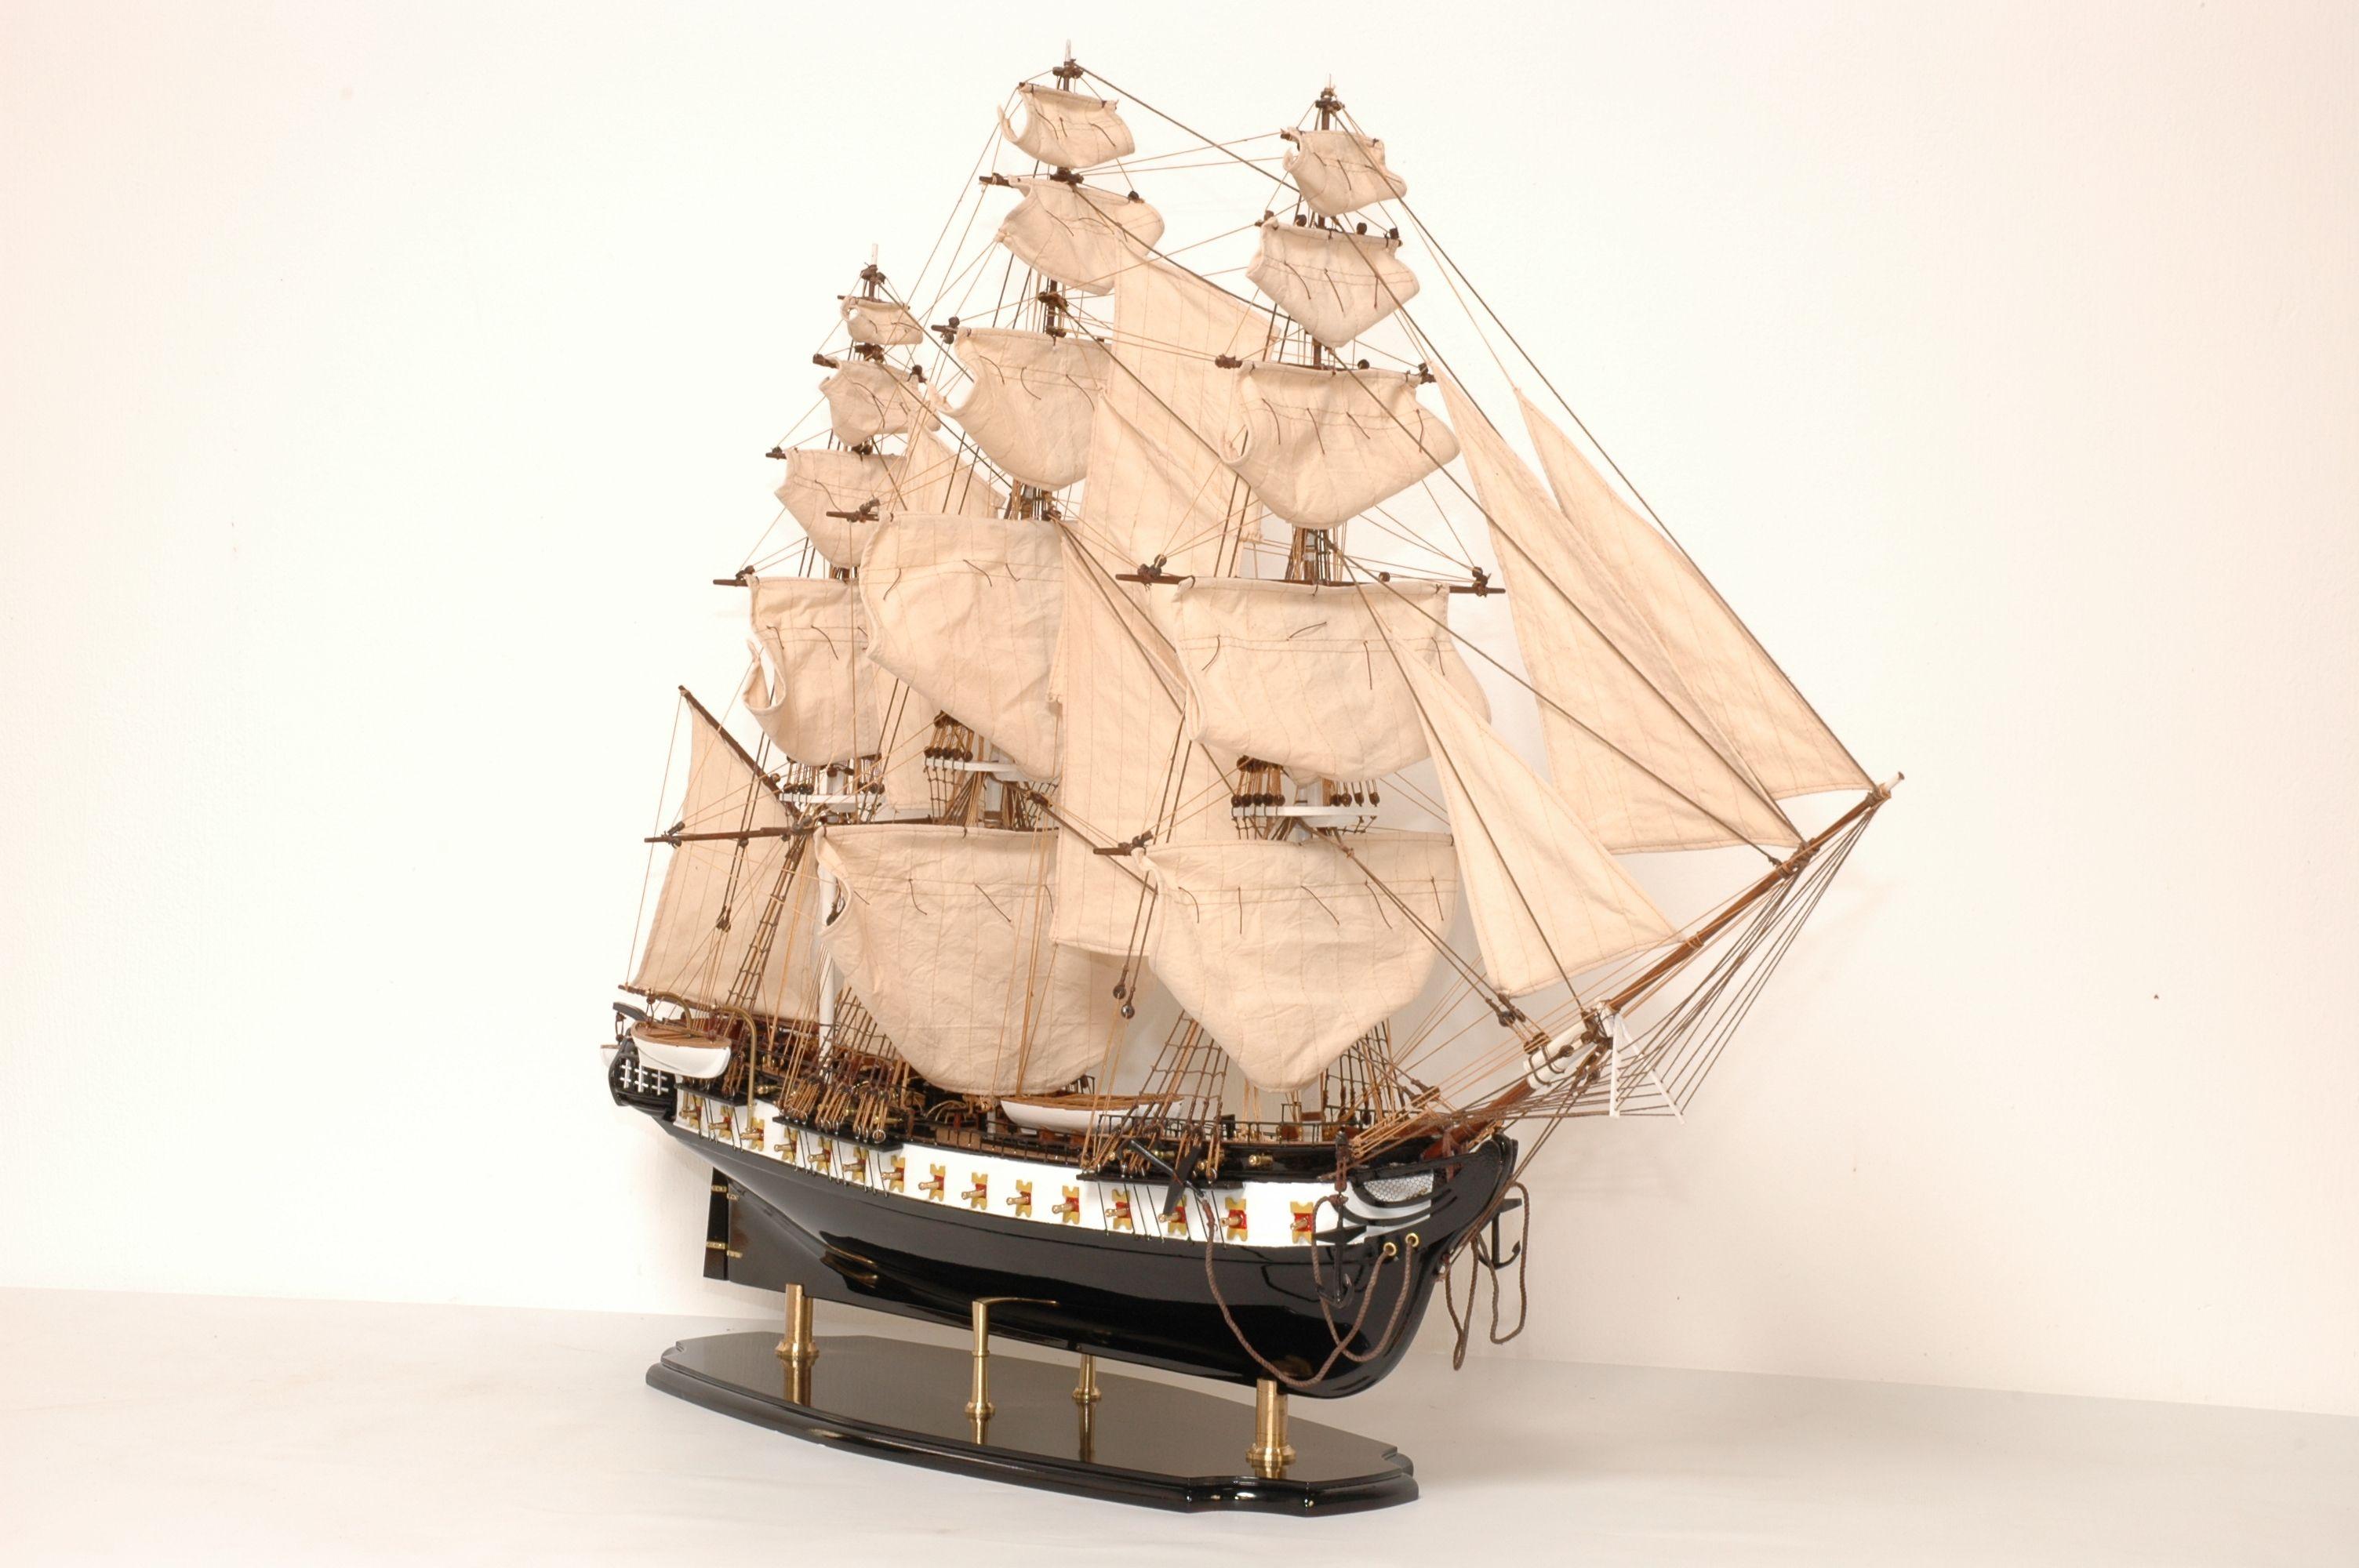 141-8176-USS-Constitution-Model-Ship-Superior-Range